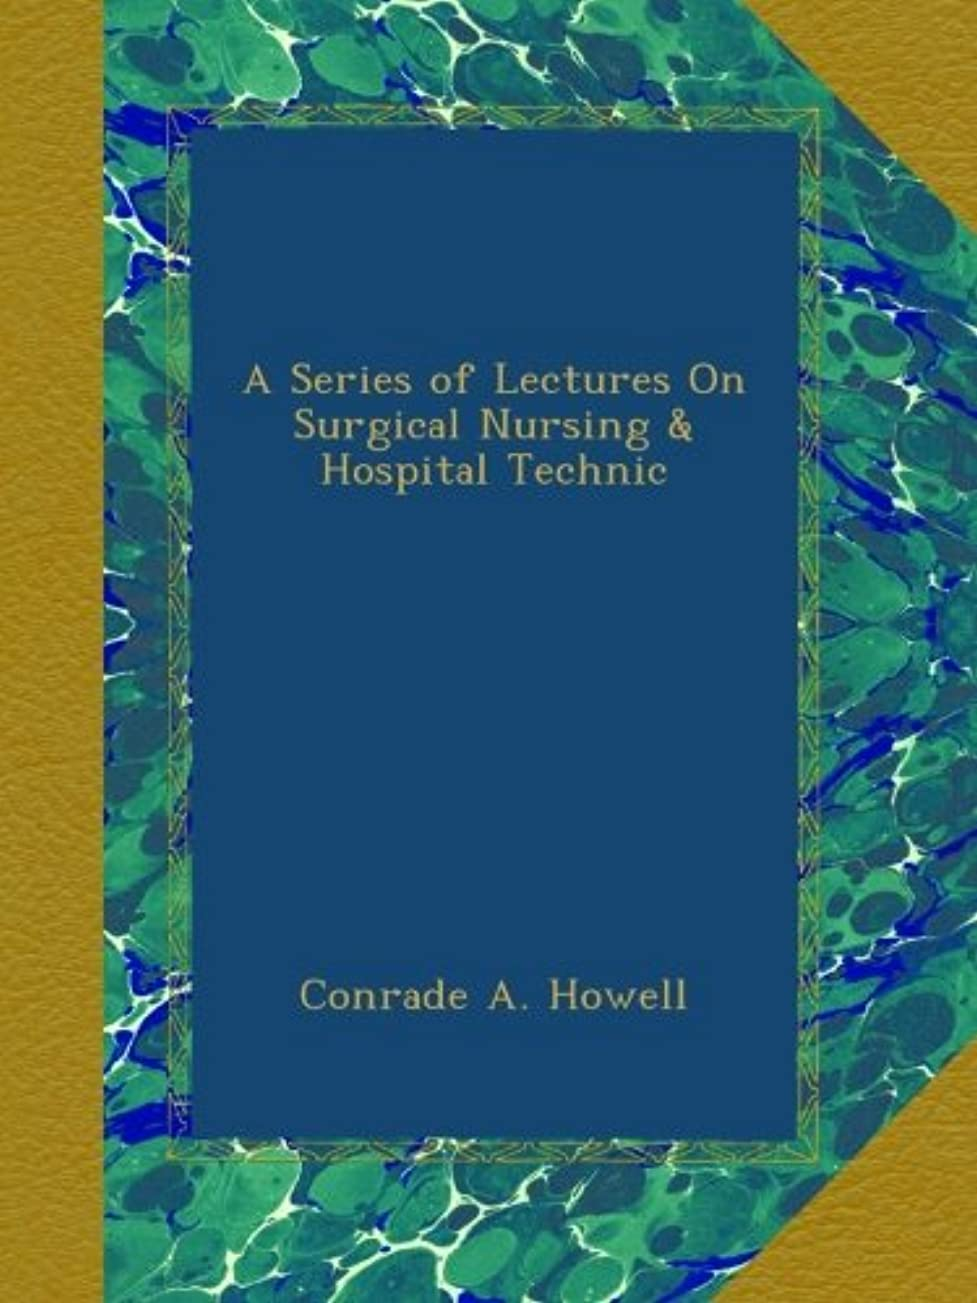 嵐の謎未接続A Series of Lectures On Surgical Nursing & Hospital Technic